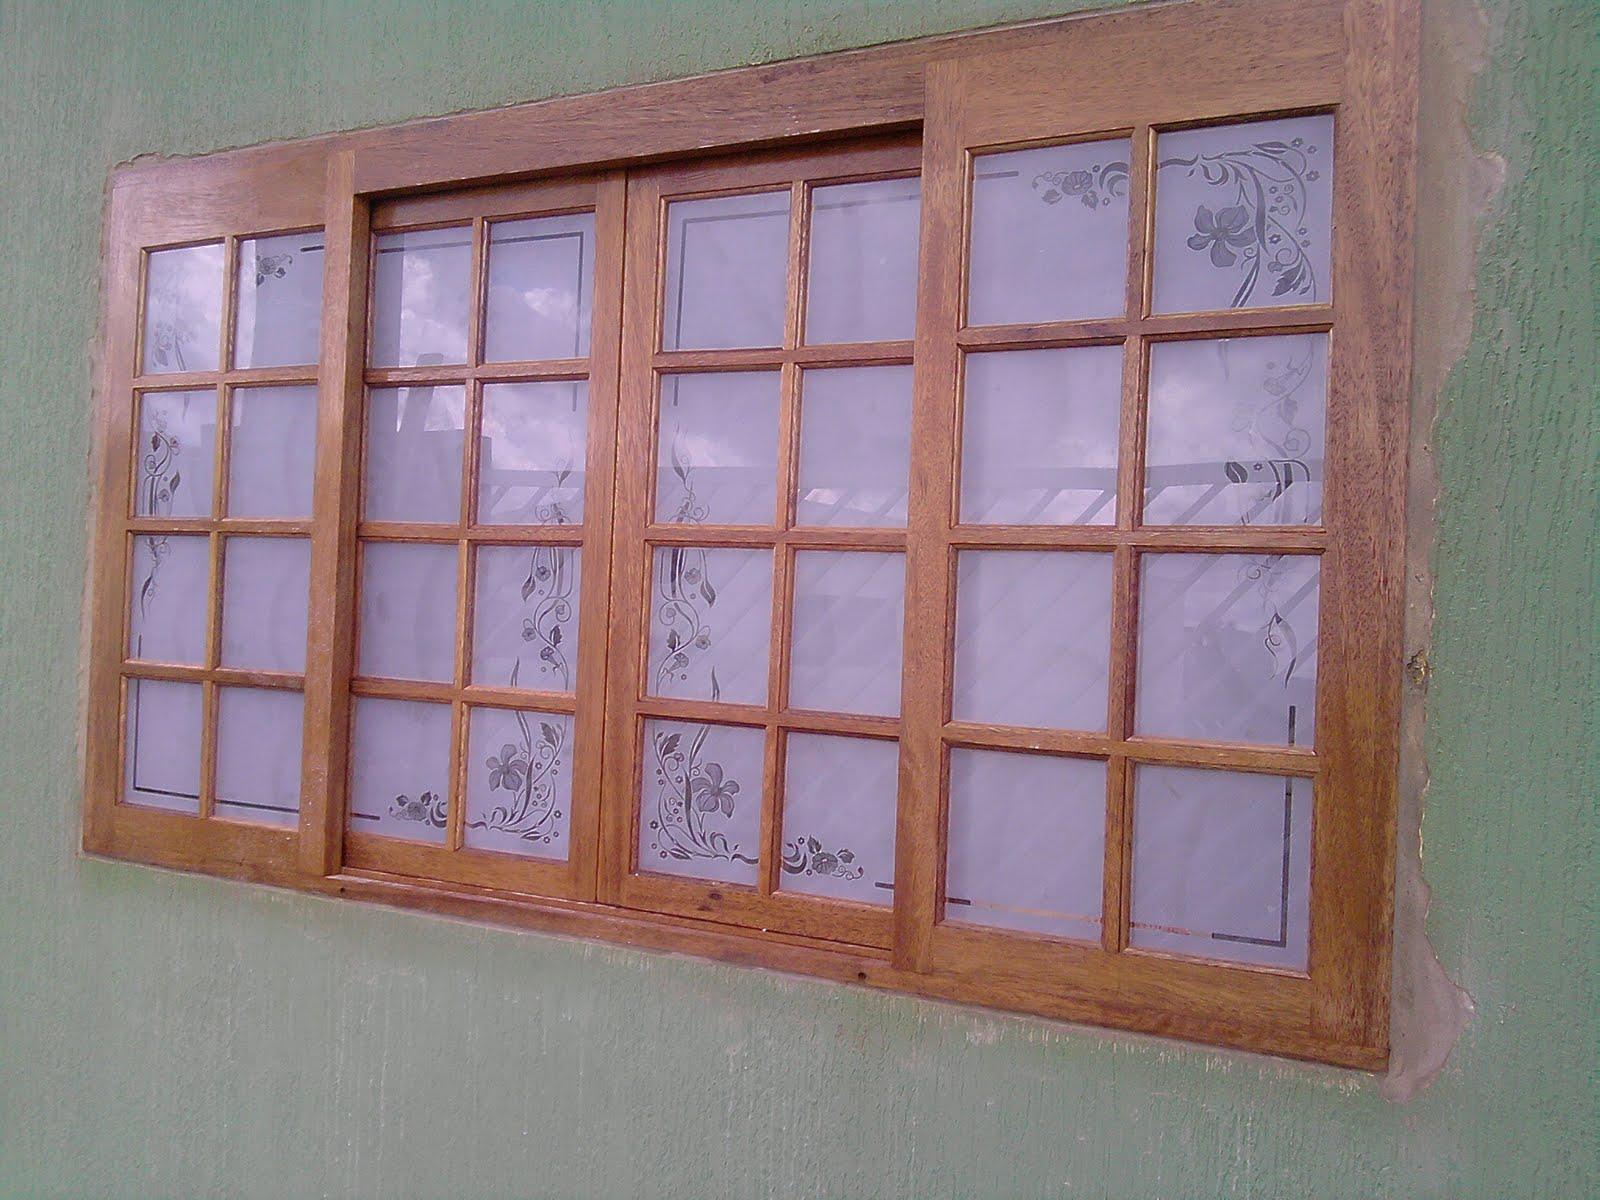 #381713 VIDROS JATEADOS e TEMPERADOS: janelas jateadas e desenhos sombreados 1576 Vidros Em Janelas De Madeira